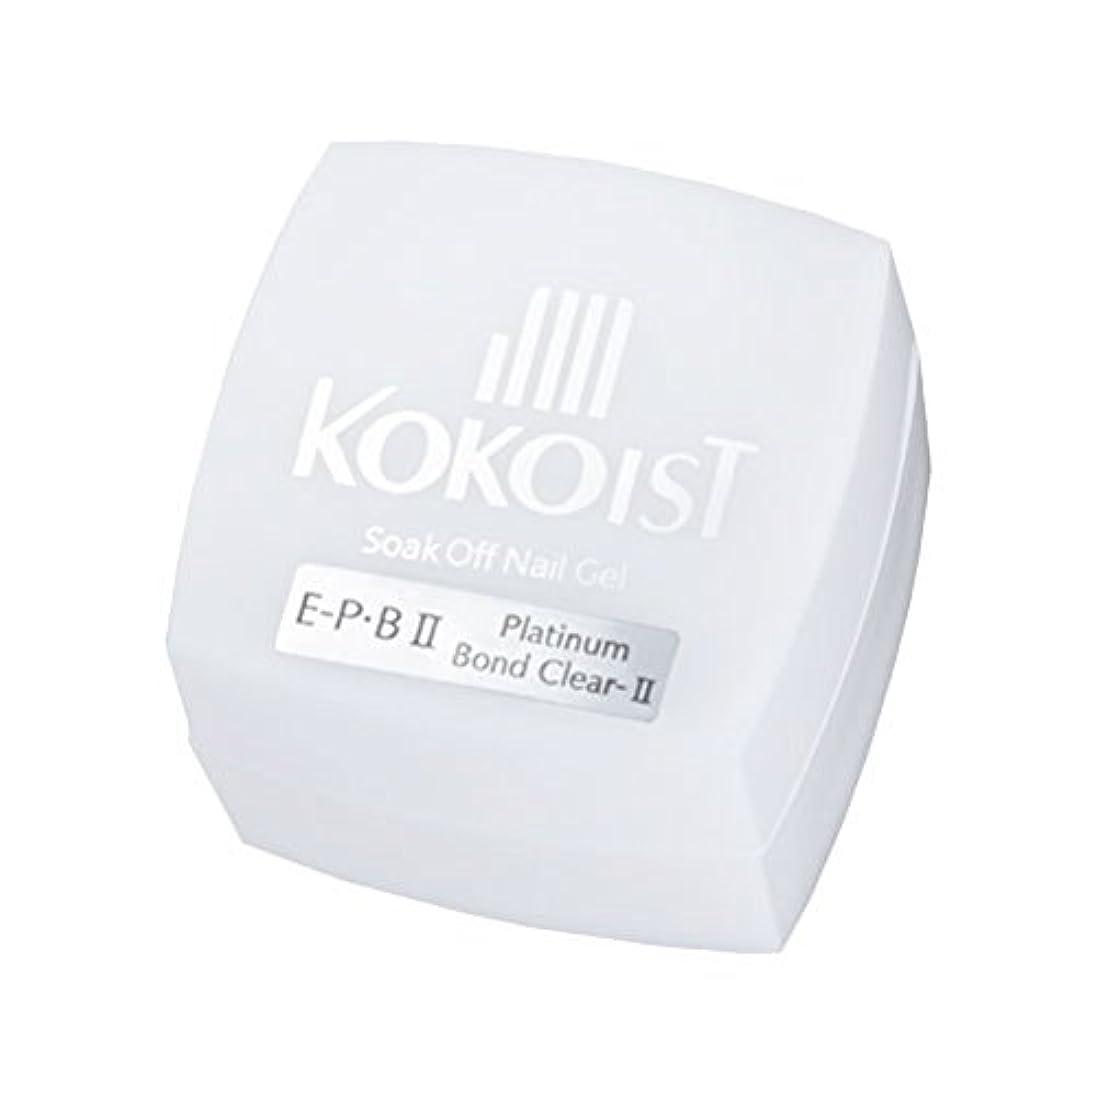 チーズ地質学ダースKOKOIST フ゜ラチナホ゛ント゛II 4g ジェル UV/LED対応